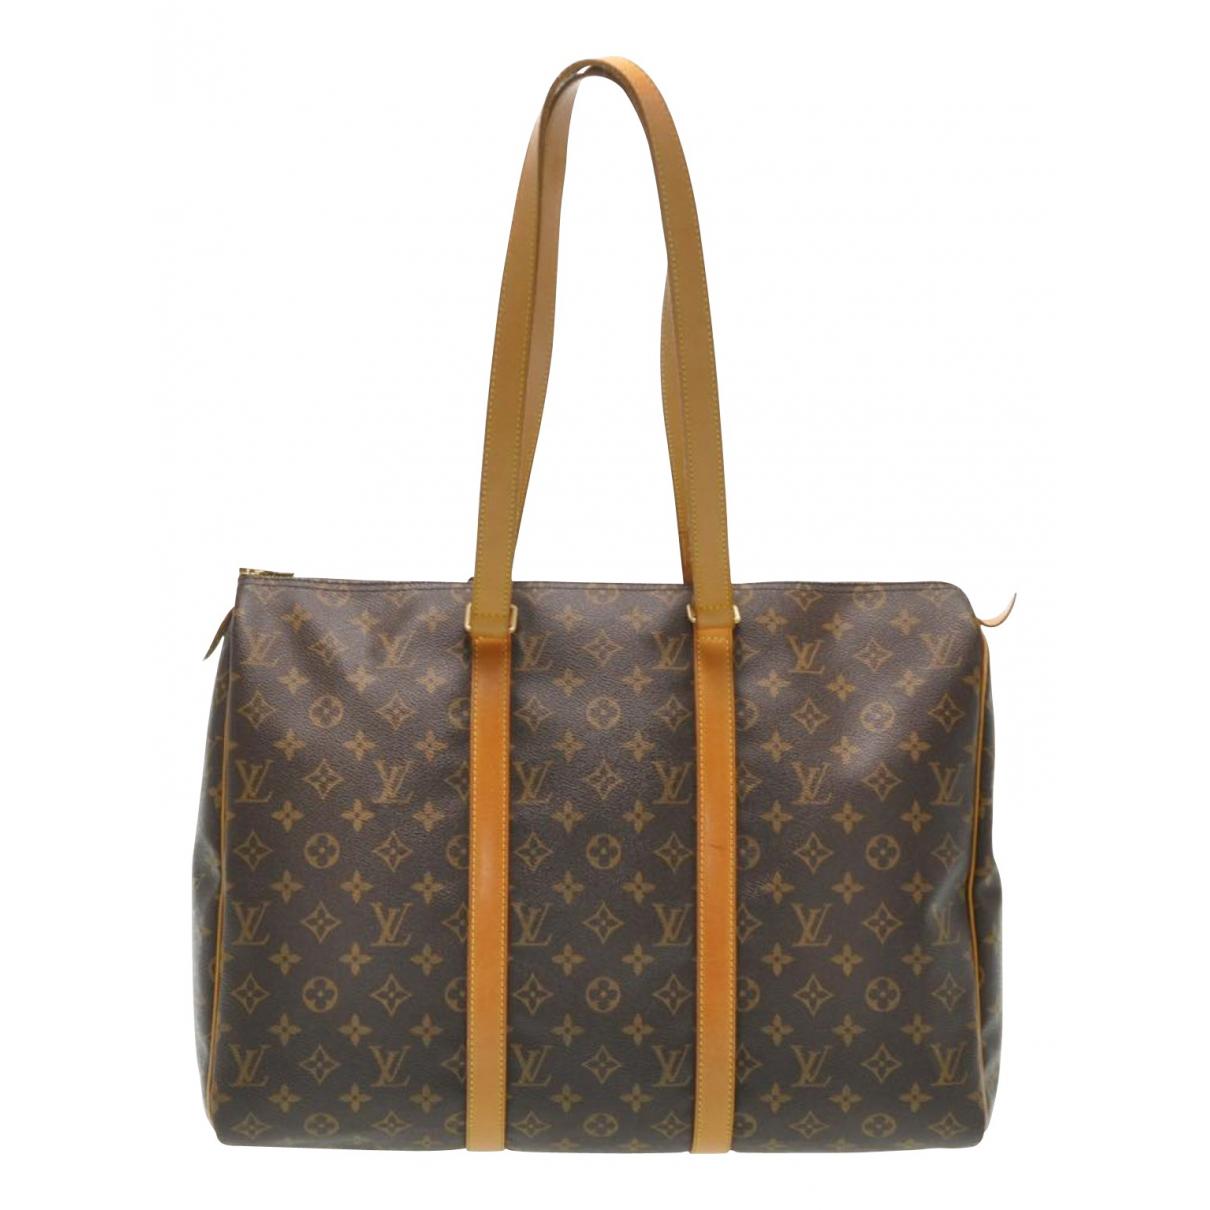 Louis Vuitton - Sac de voyage Flanerie pour femme en toile - marron